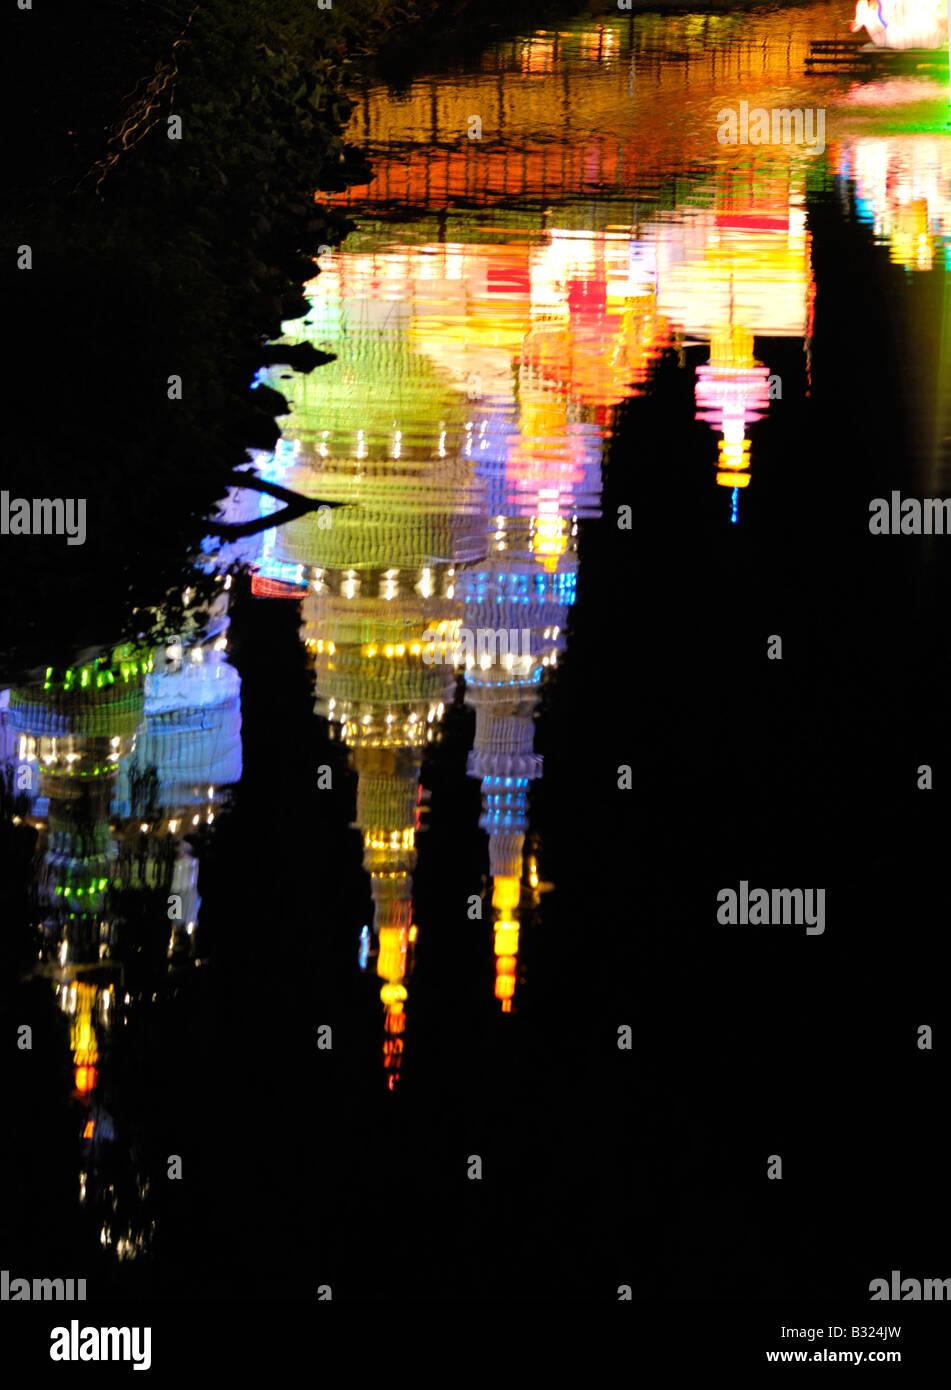 Festival de linternas chinas Imagen De Stock